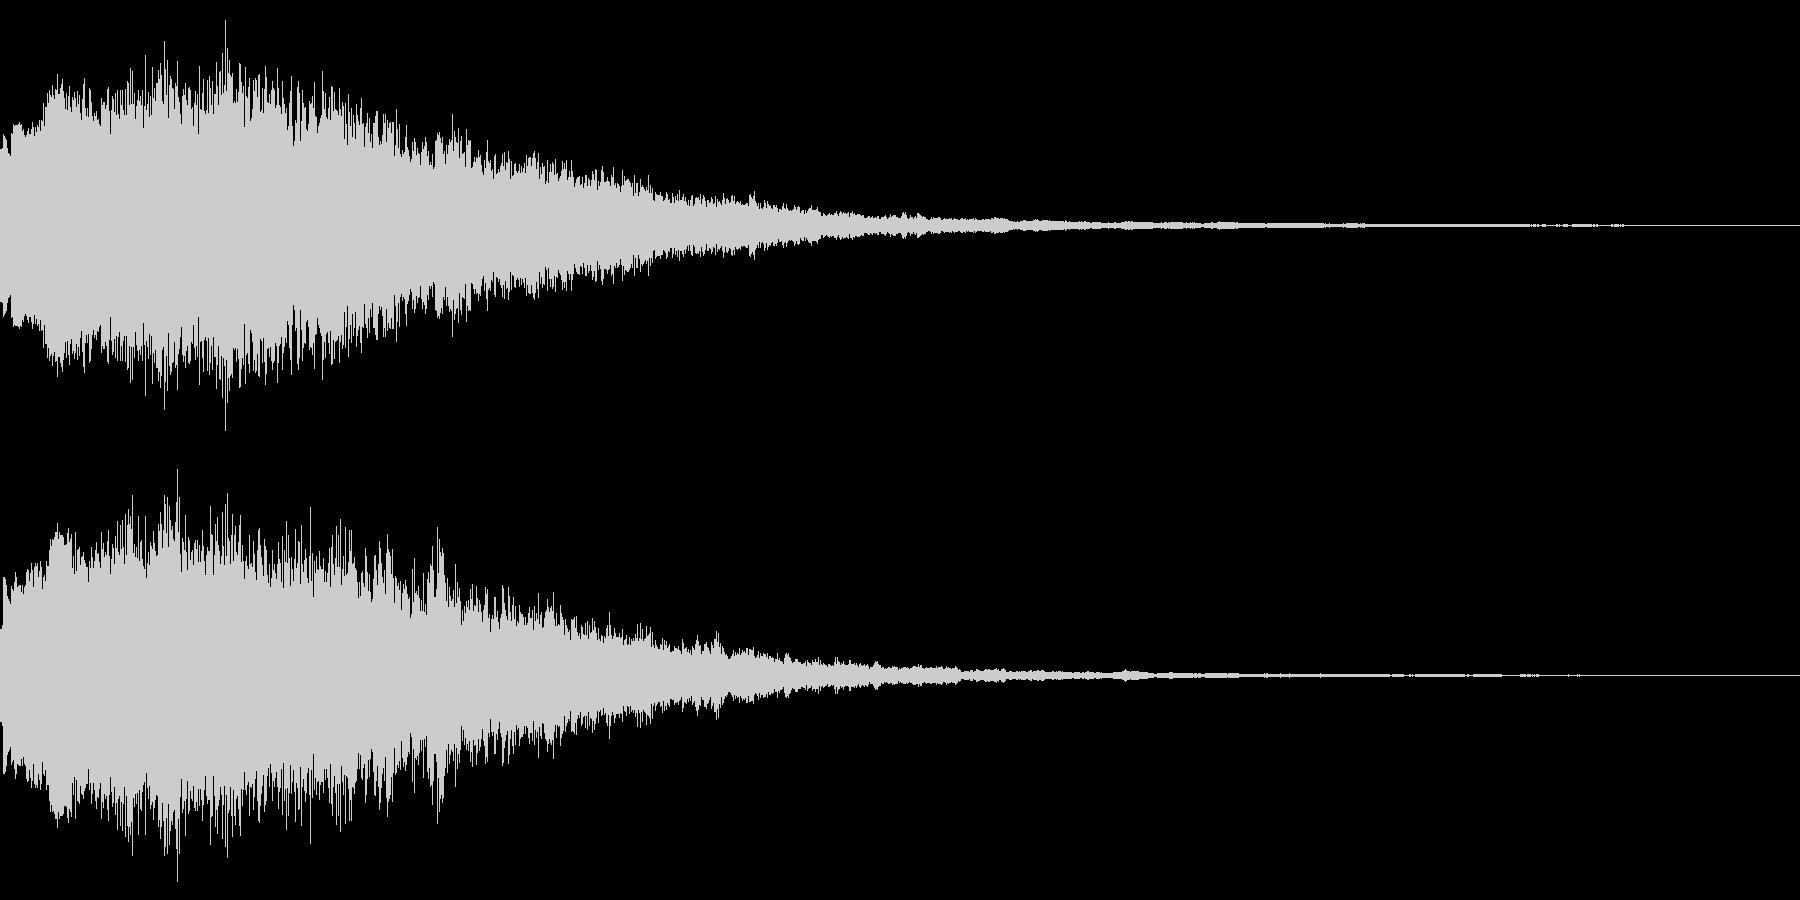 キラキラーン(魔法エフェクト発動)の未再生の波形